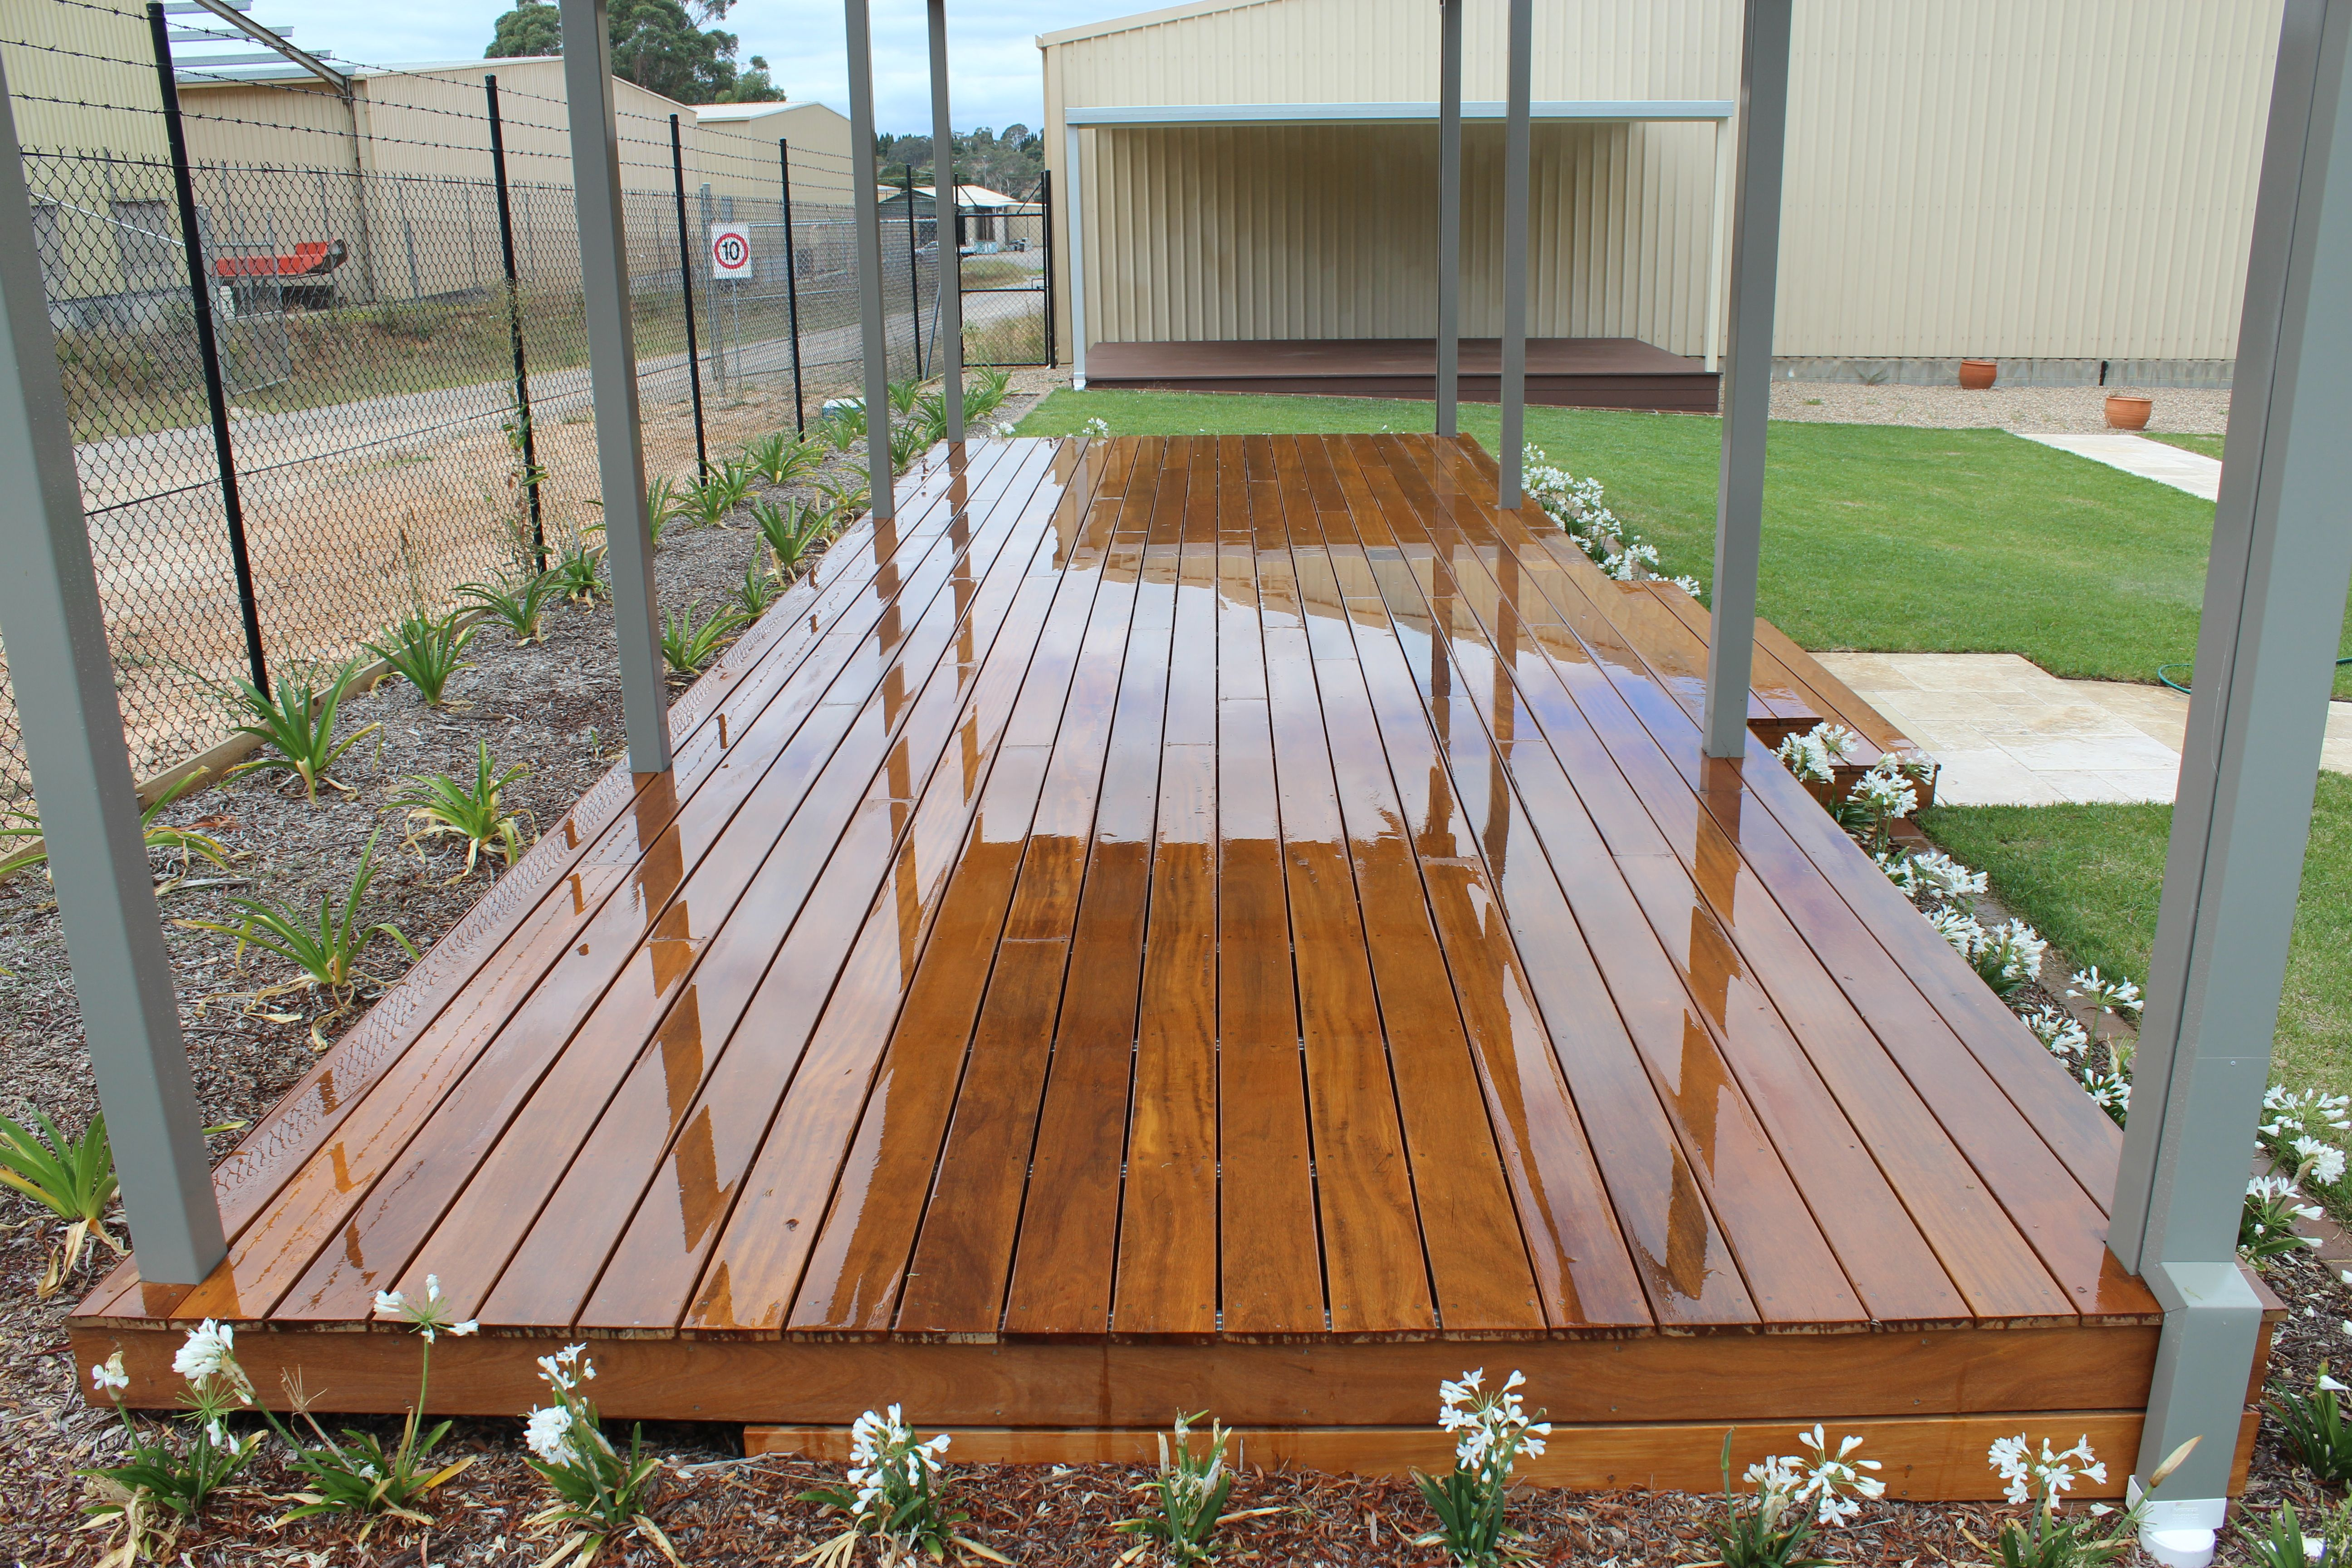 Hardwood Tonka Timber Deck Over Boxspan Steel Frame This